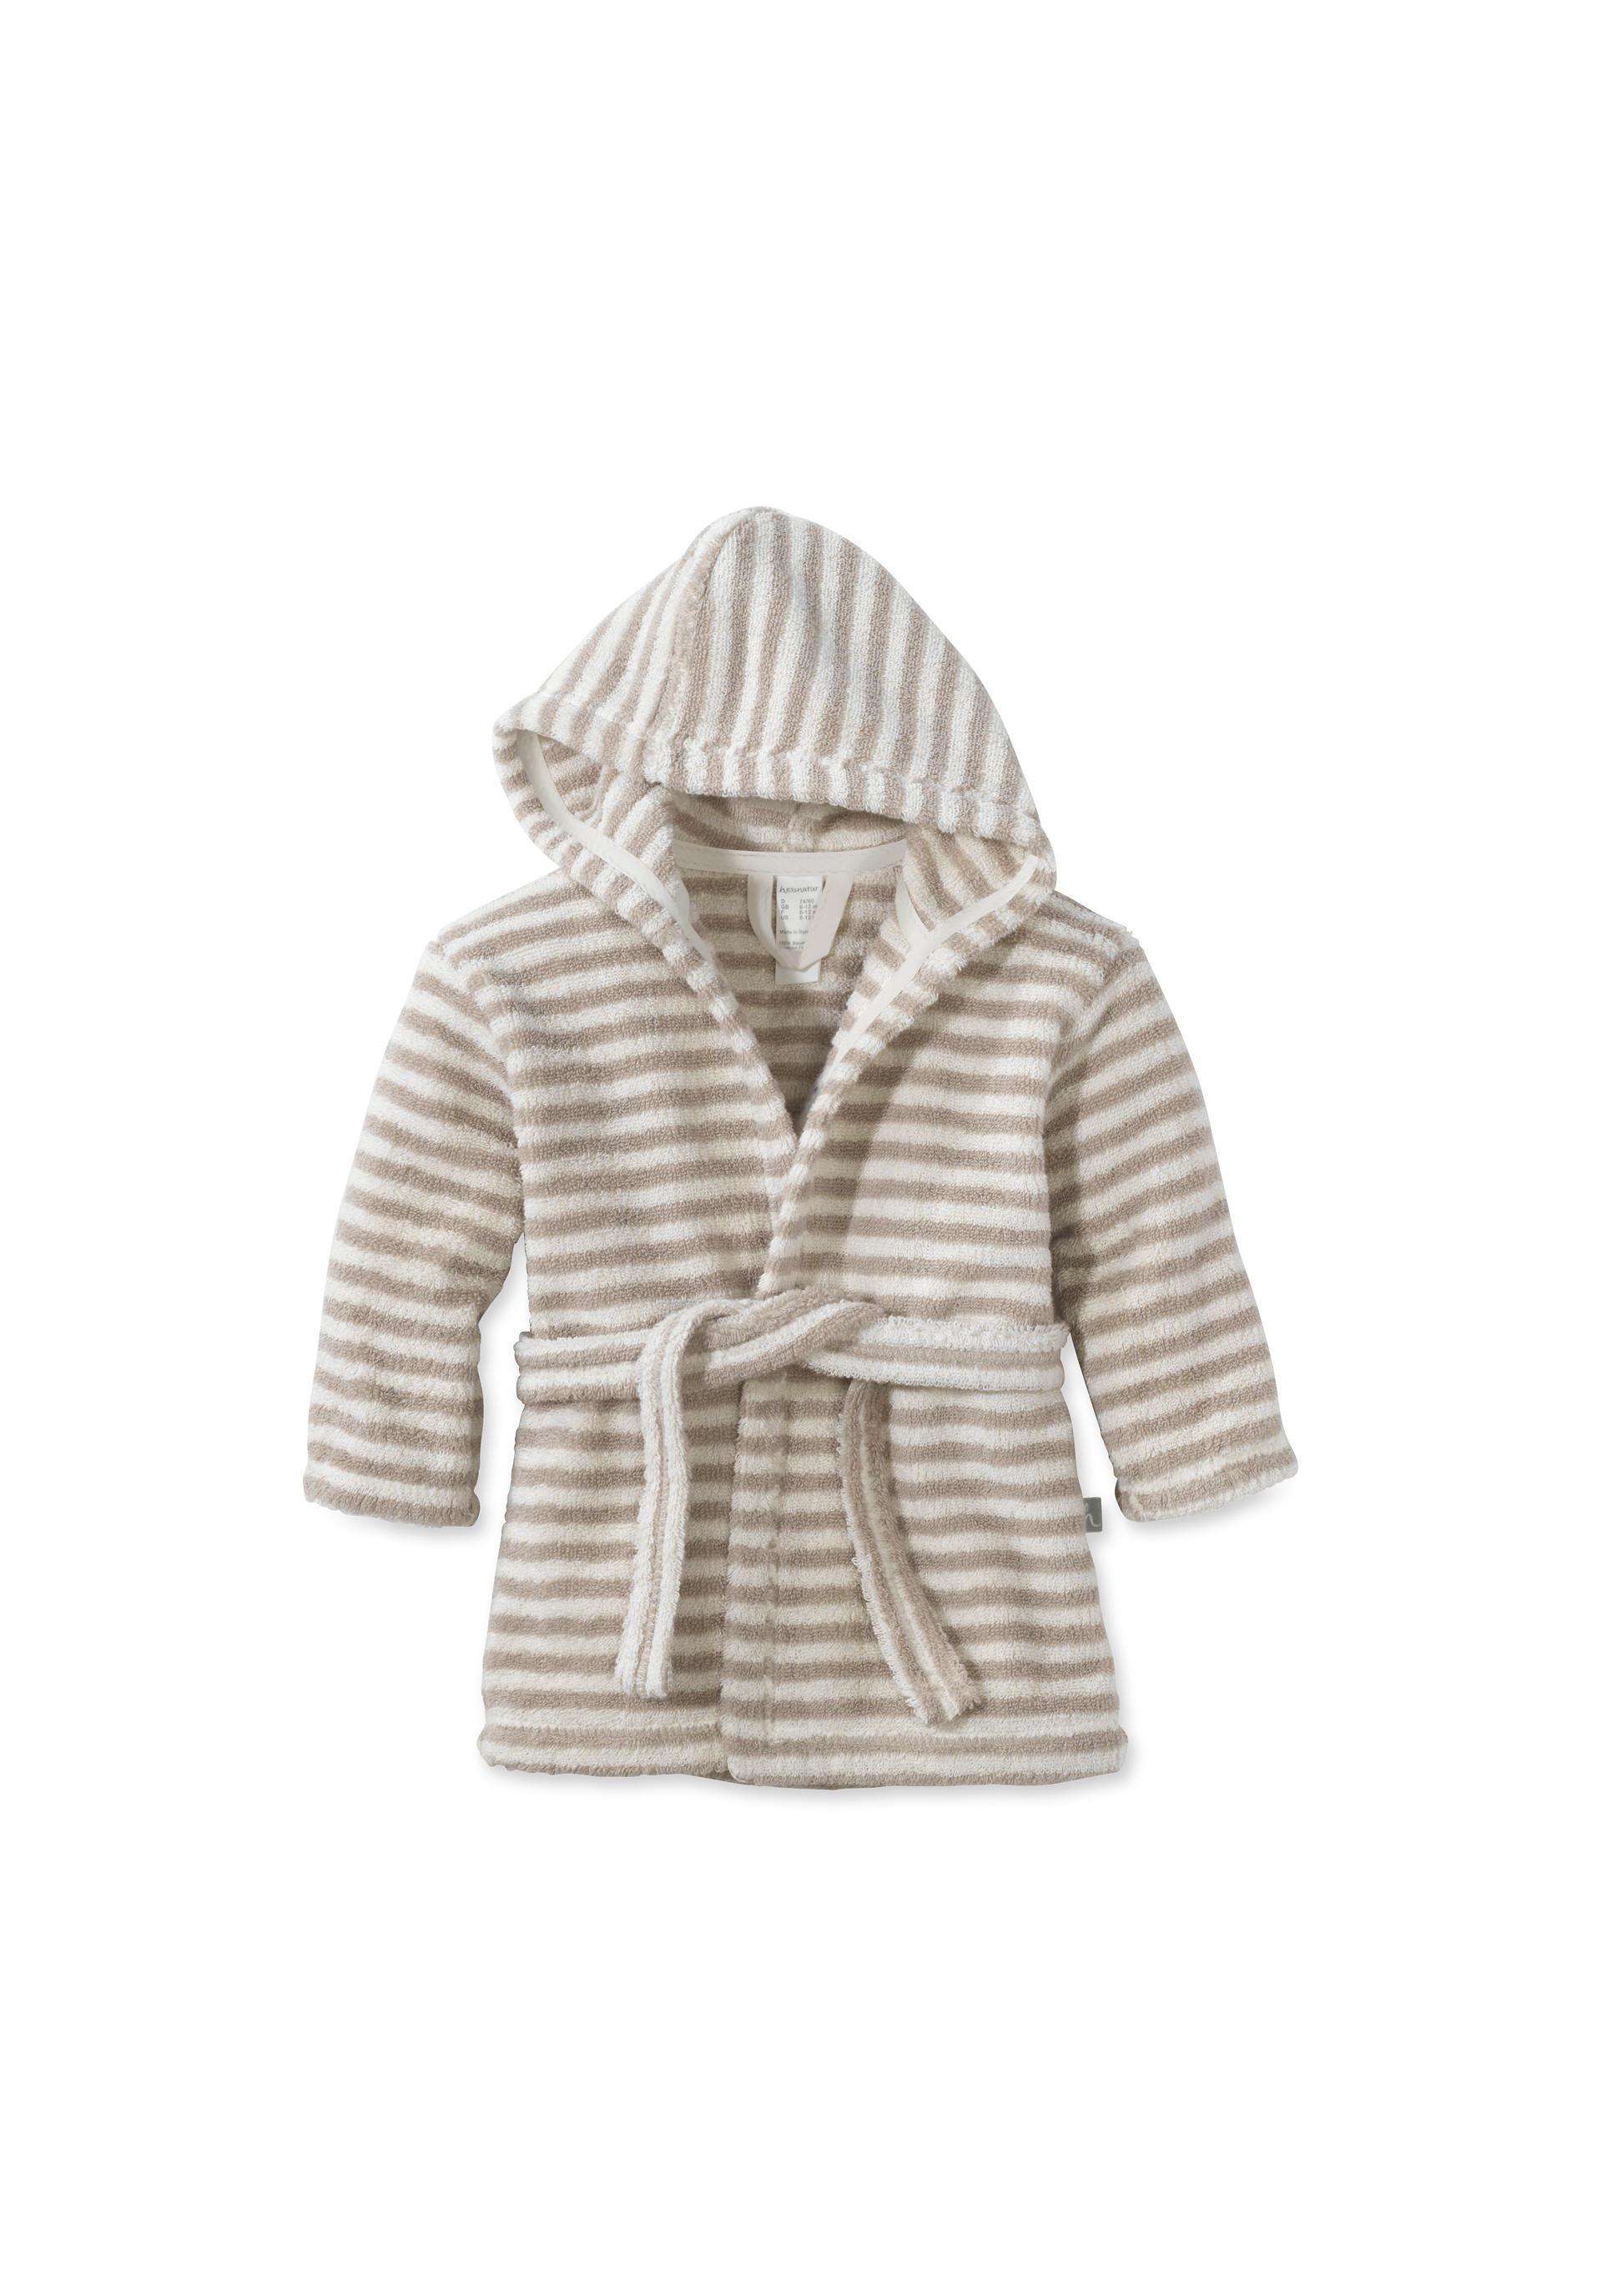 attraktive Mode fantastische Einsparungen hochwertiges Design Baby Bademantel aus reiner Bio-Baumwolle von hessnatur